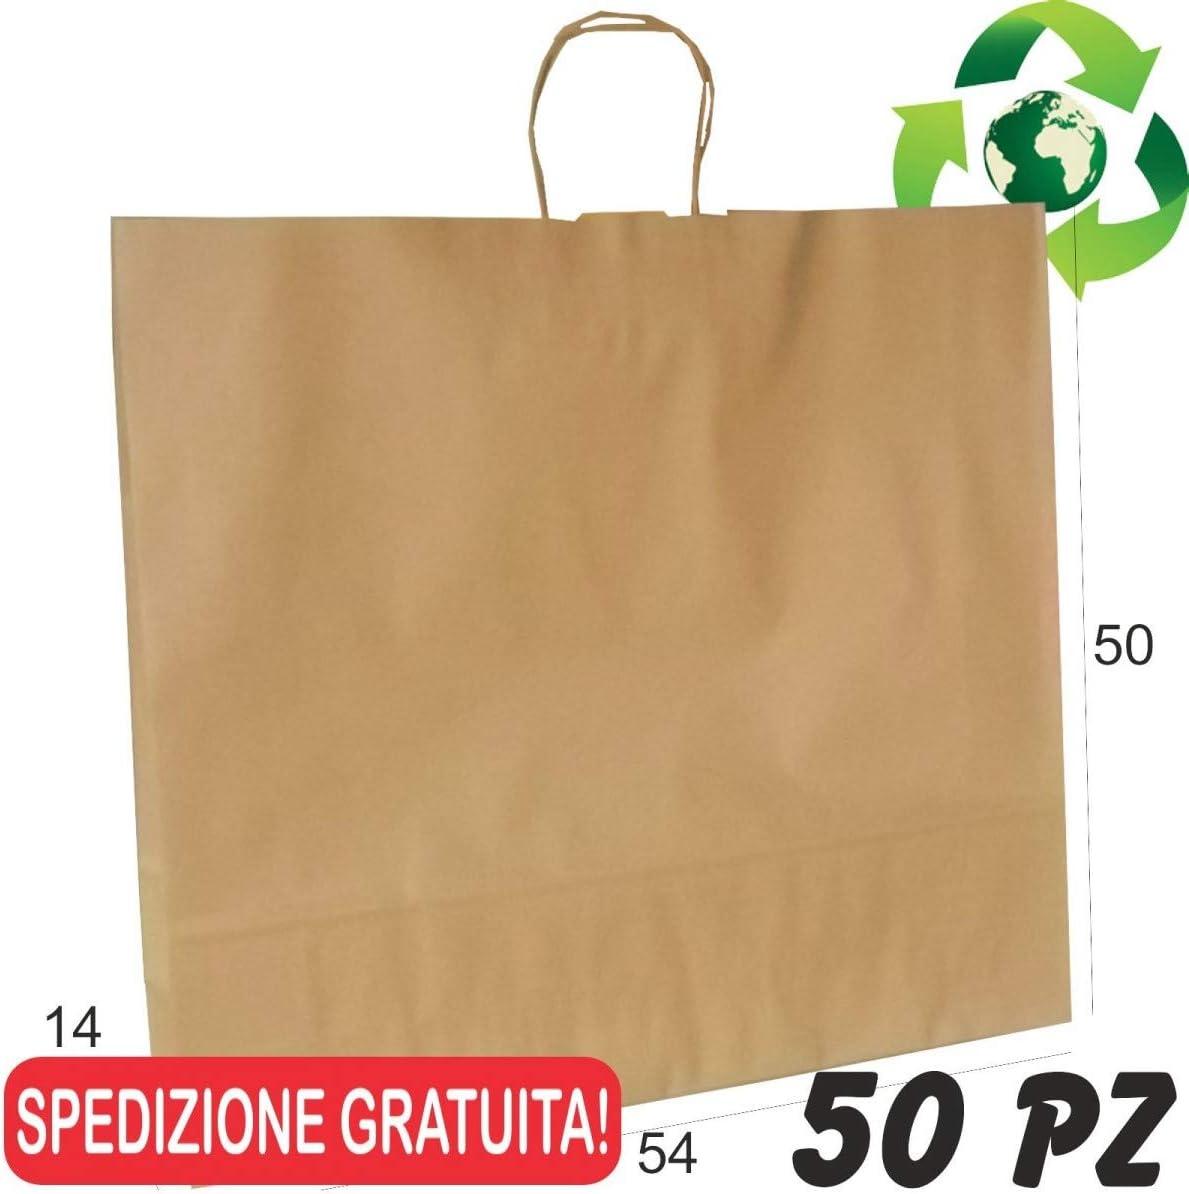 50 PZ Borse Shopper di Carta Manico Cordino Sacchetti Carta Riciclata Avana cm 15x8x20 OVERBAGS